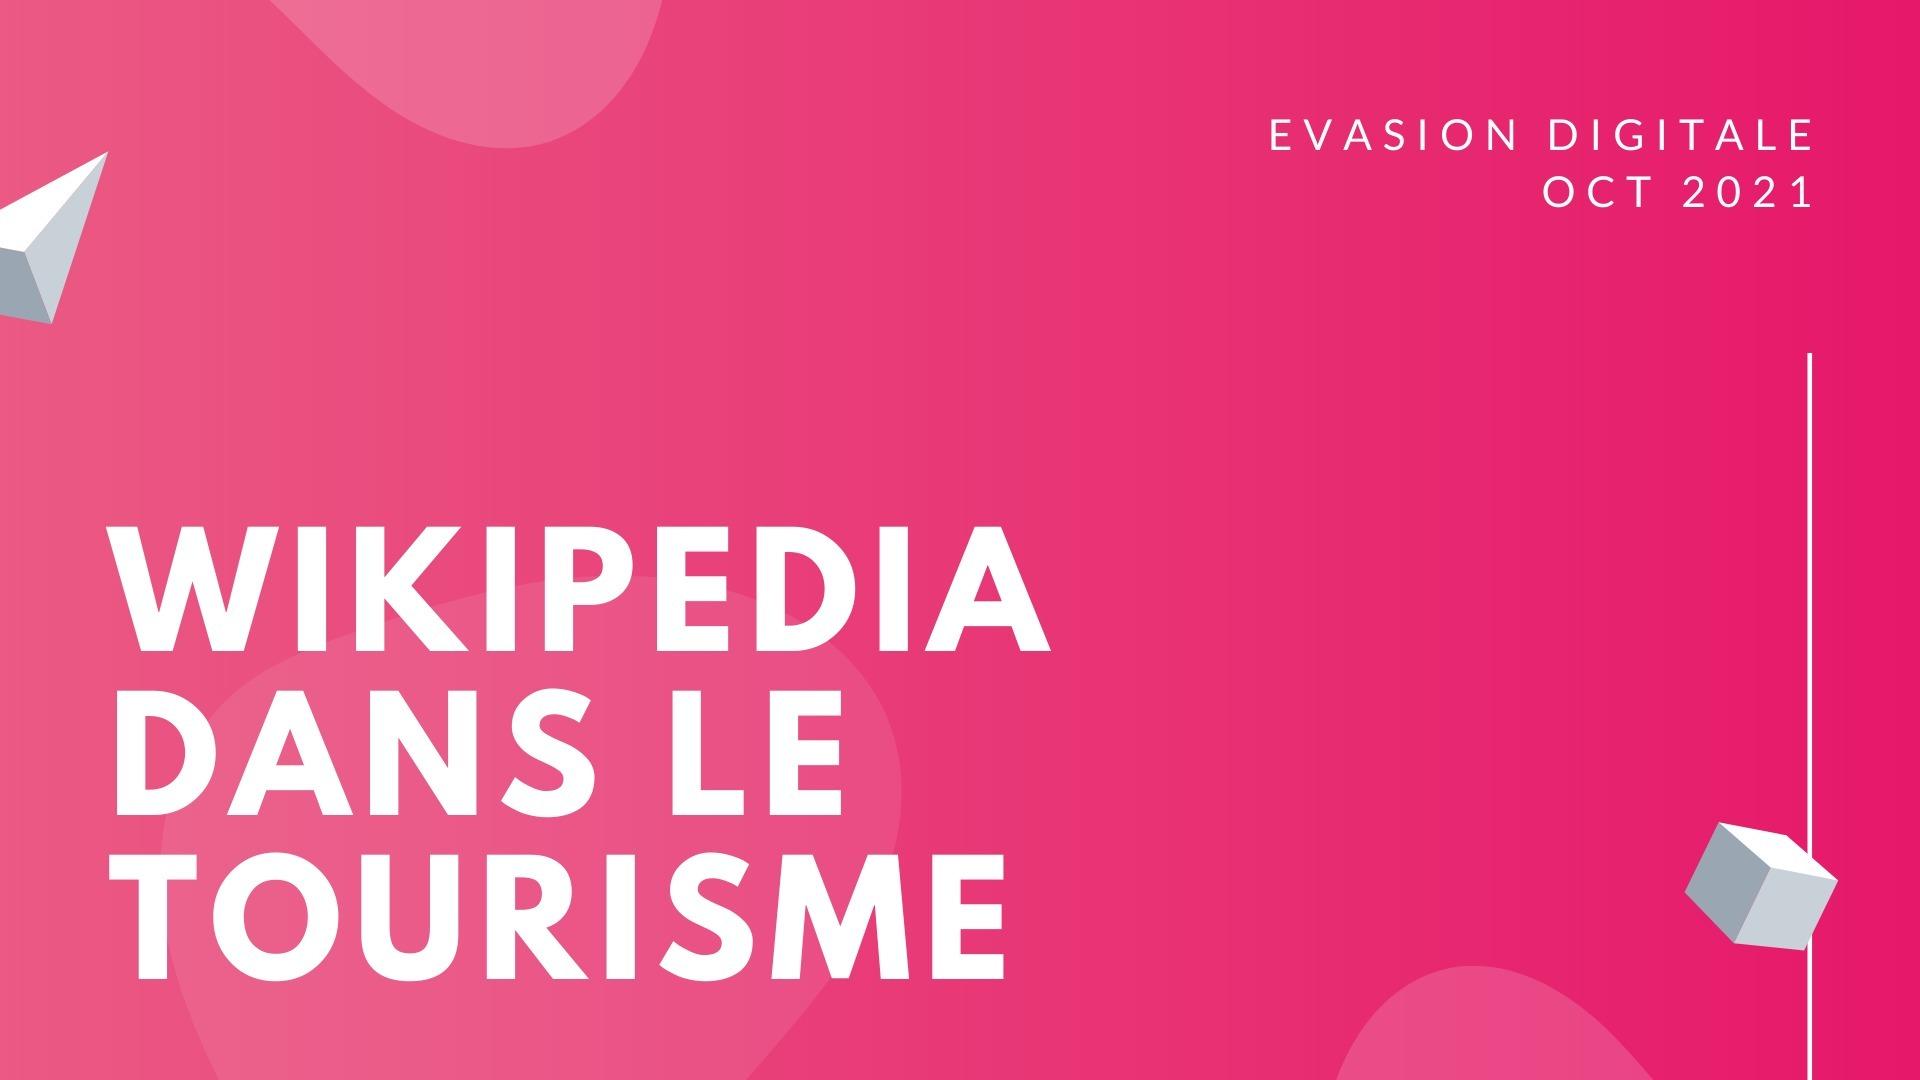 Evasion digitale : wikipedia dans le tourisme, quelles opportunités?